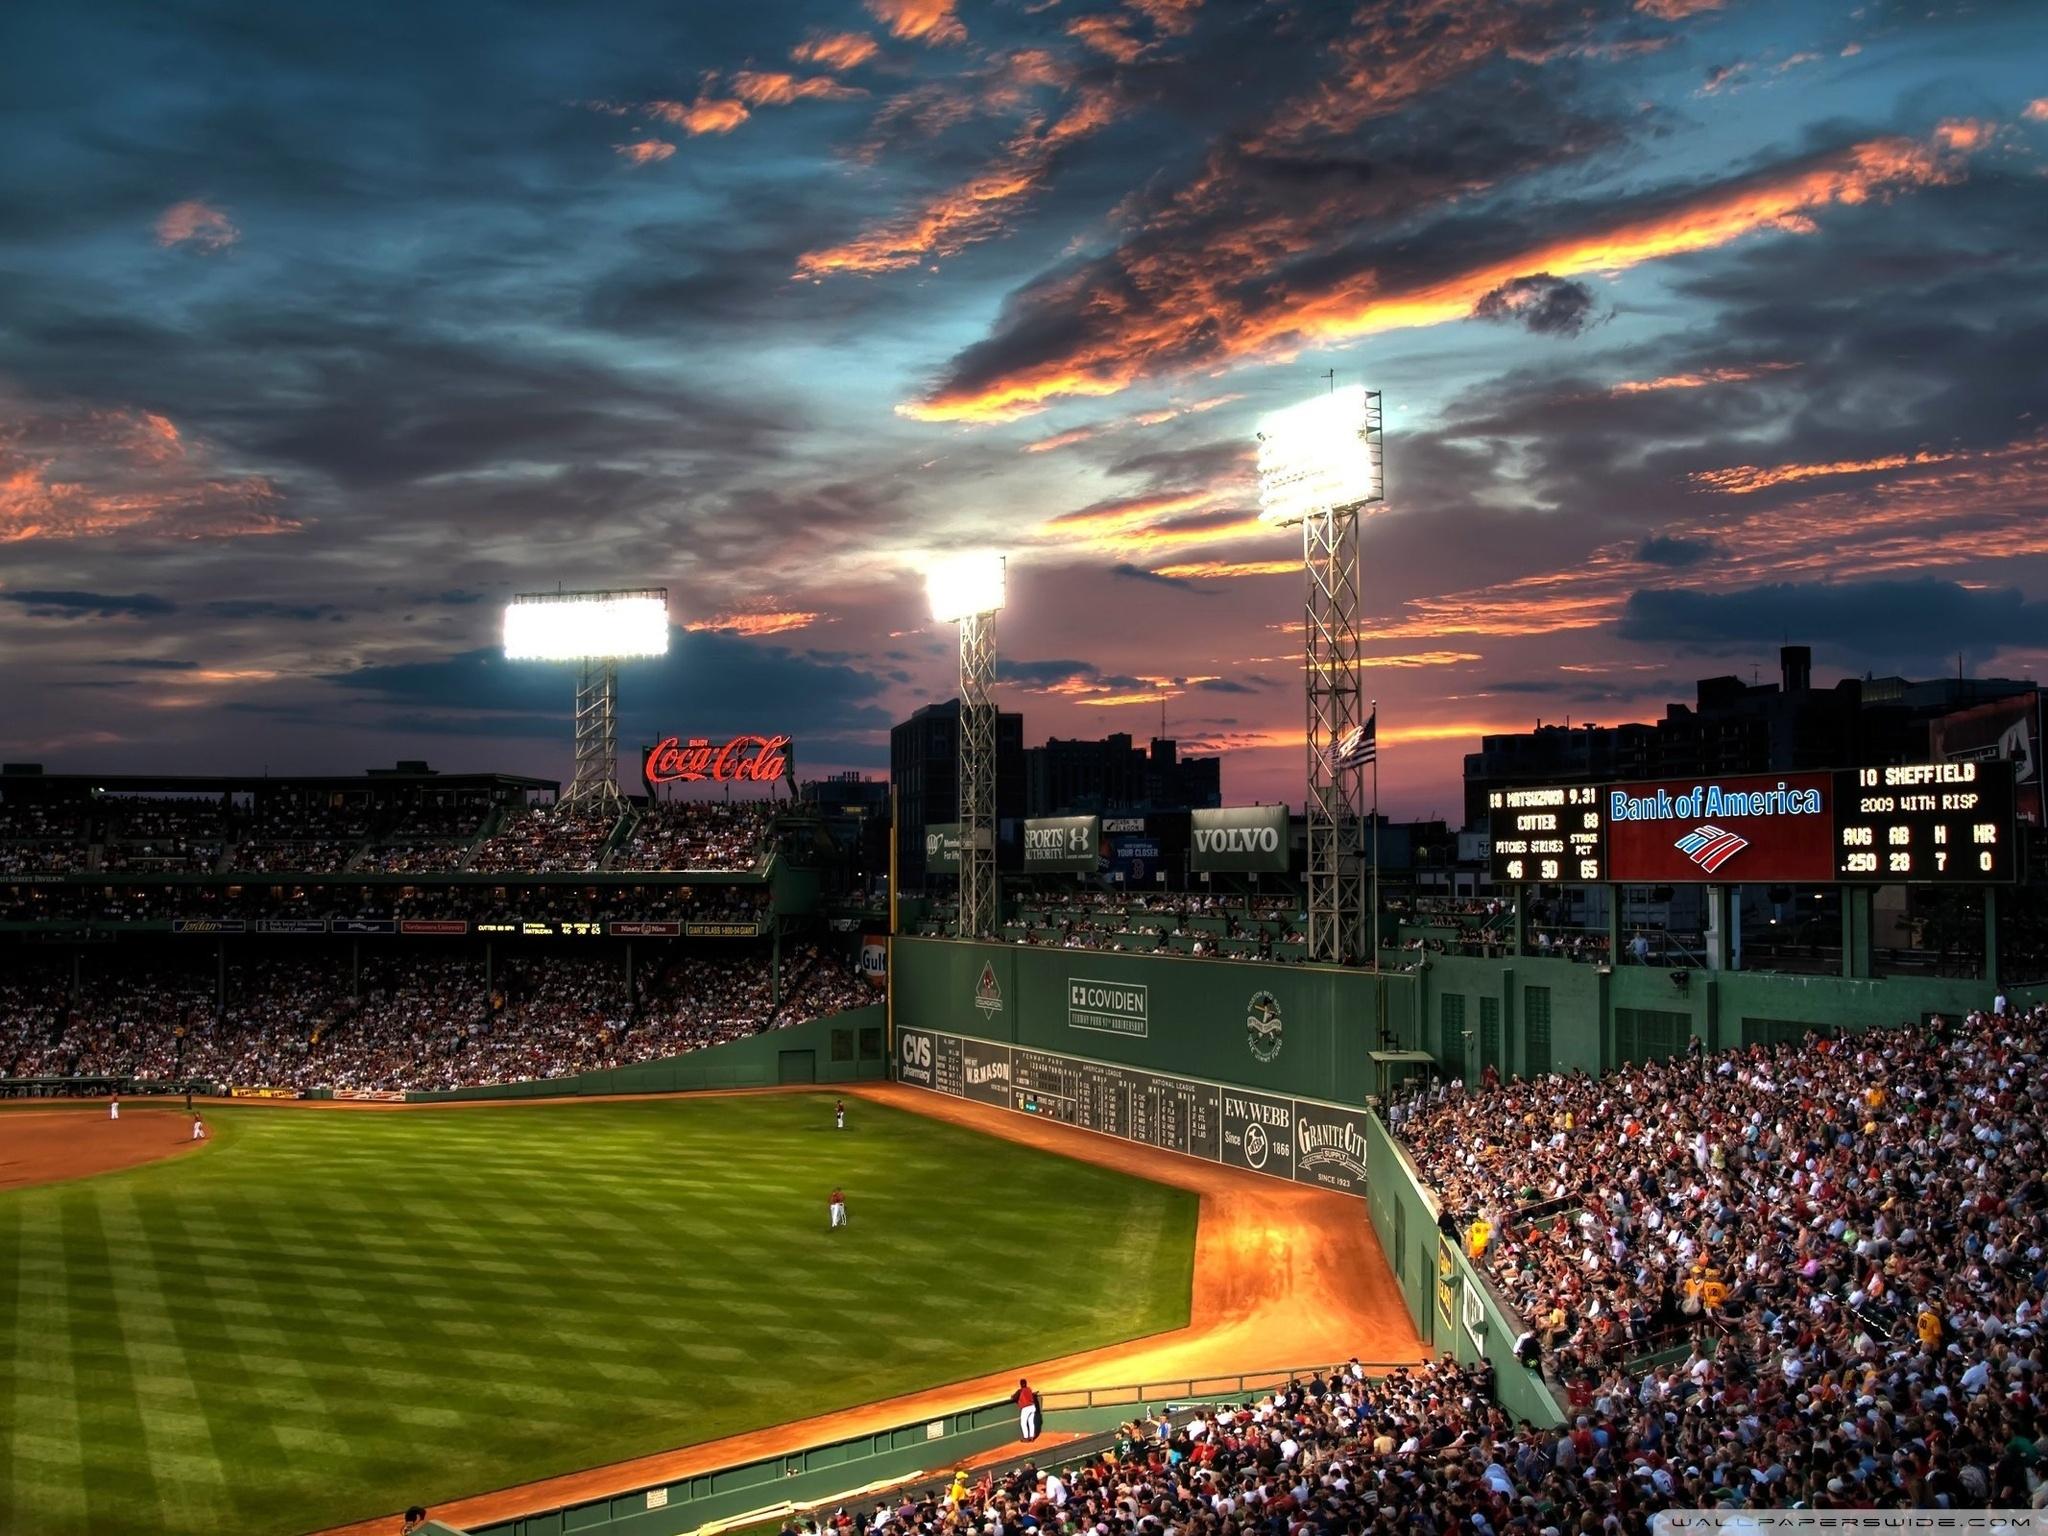 fenway park, boston, massachusetts - baseball park ❤ 4k hd desktop